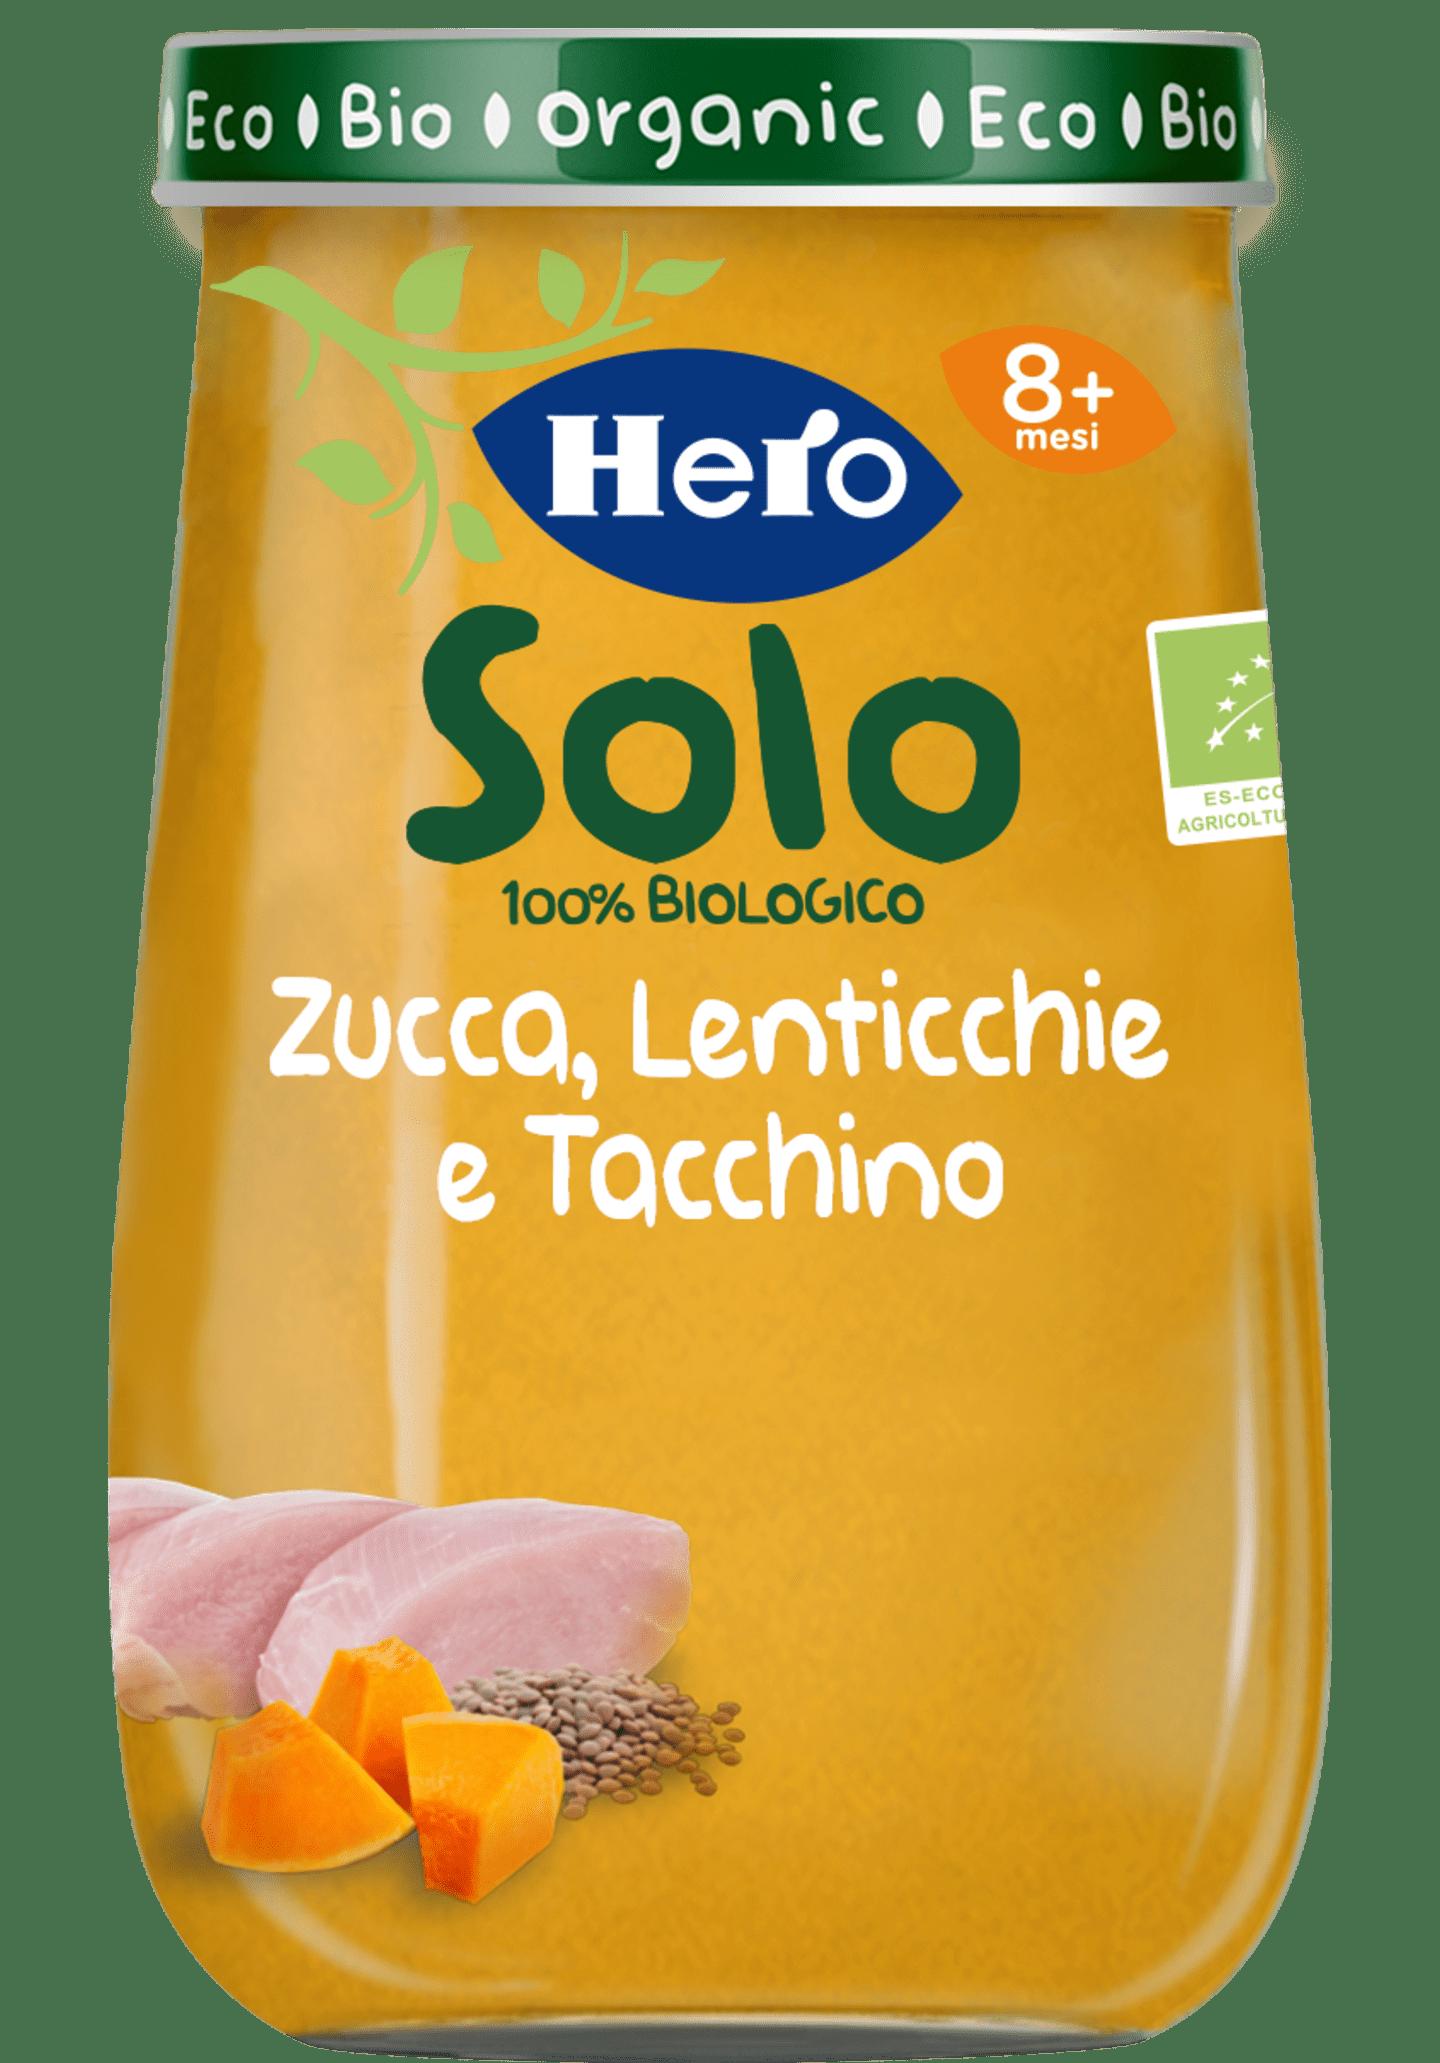 omogeneizzato hero solo zucca, lenticchie, tacchino